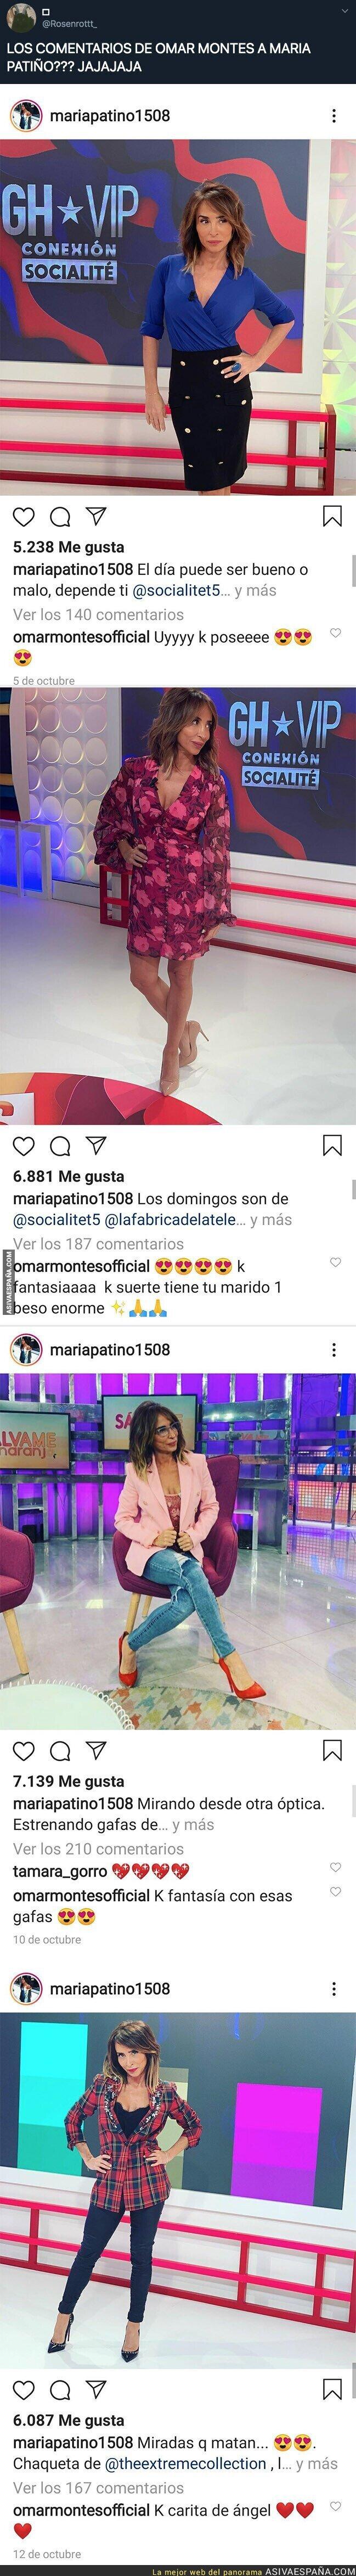 126022 - Omar Montes se está intentando camelar a María Patiño en todas las fotos que sube en Instagram